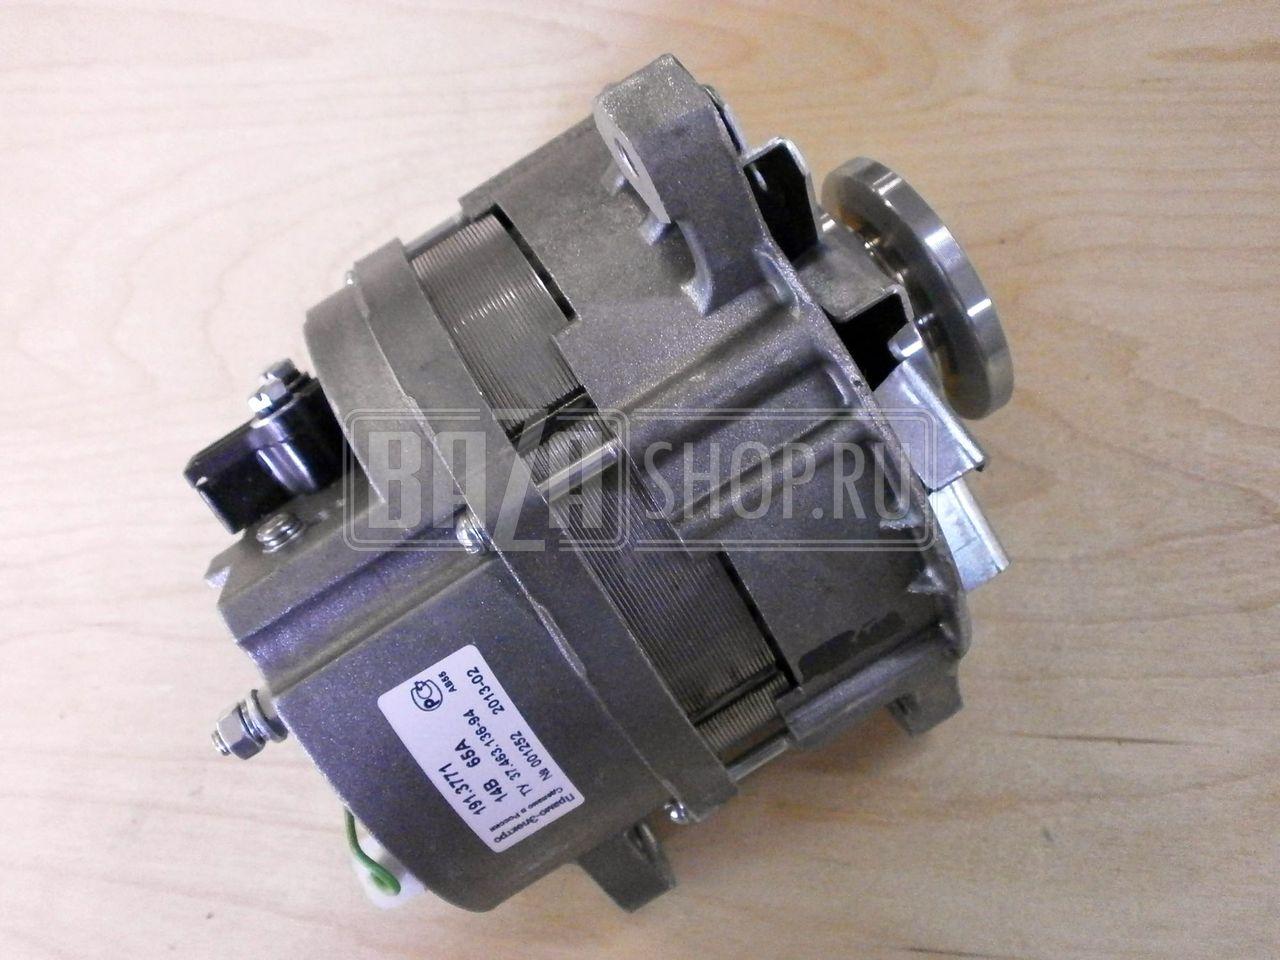 Уплотнения теплообменника Теплотекс 65A Сыктывкар обратный клапан для теплообменника